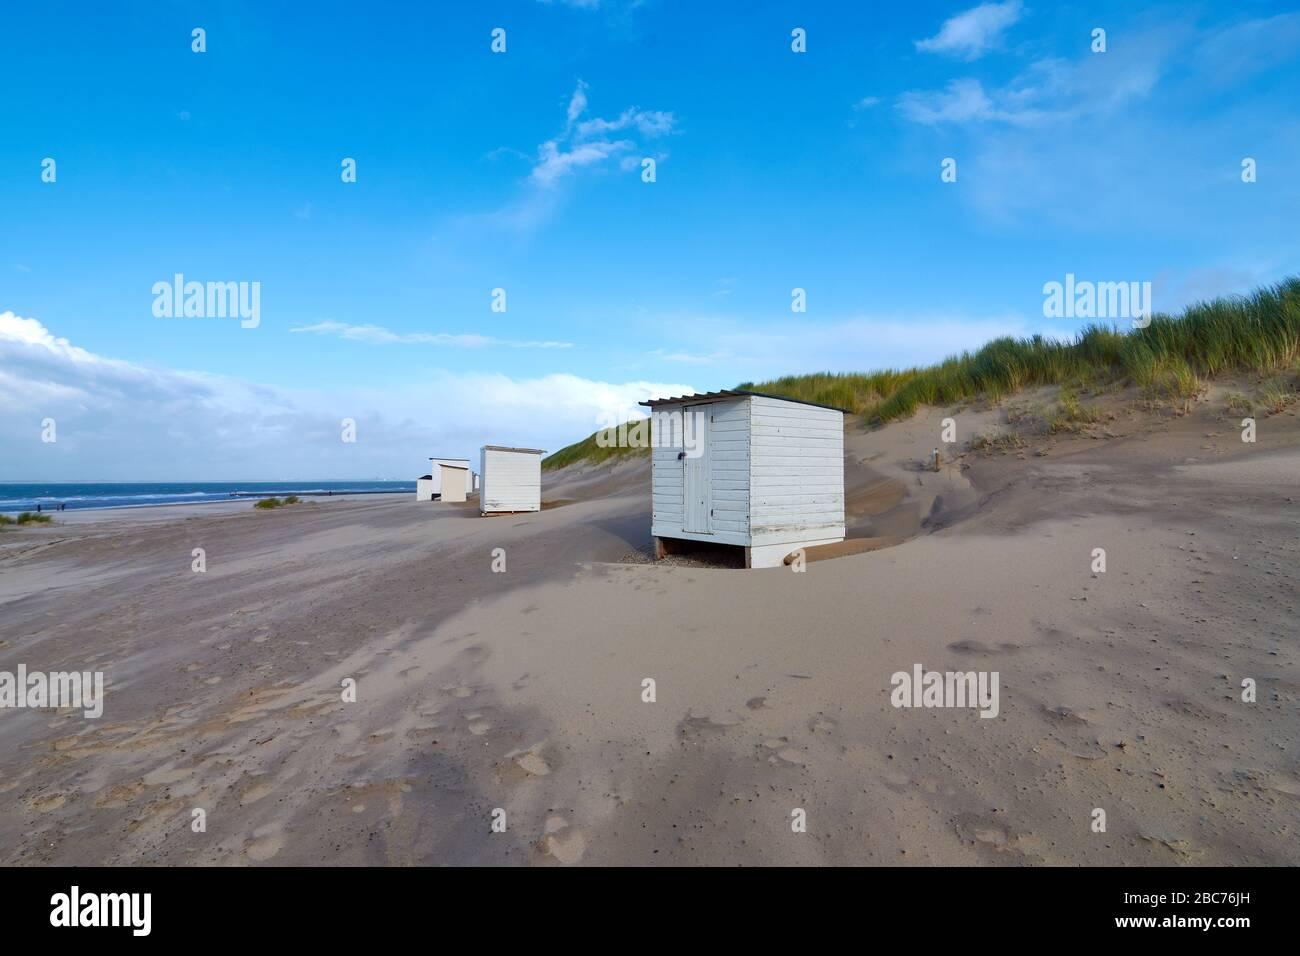 Petit casier blanc à la plage de la mer du Nord aux Pays-Bas. Le ciel bleu est intercalé de nuages. Banque D'Images